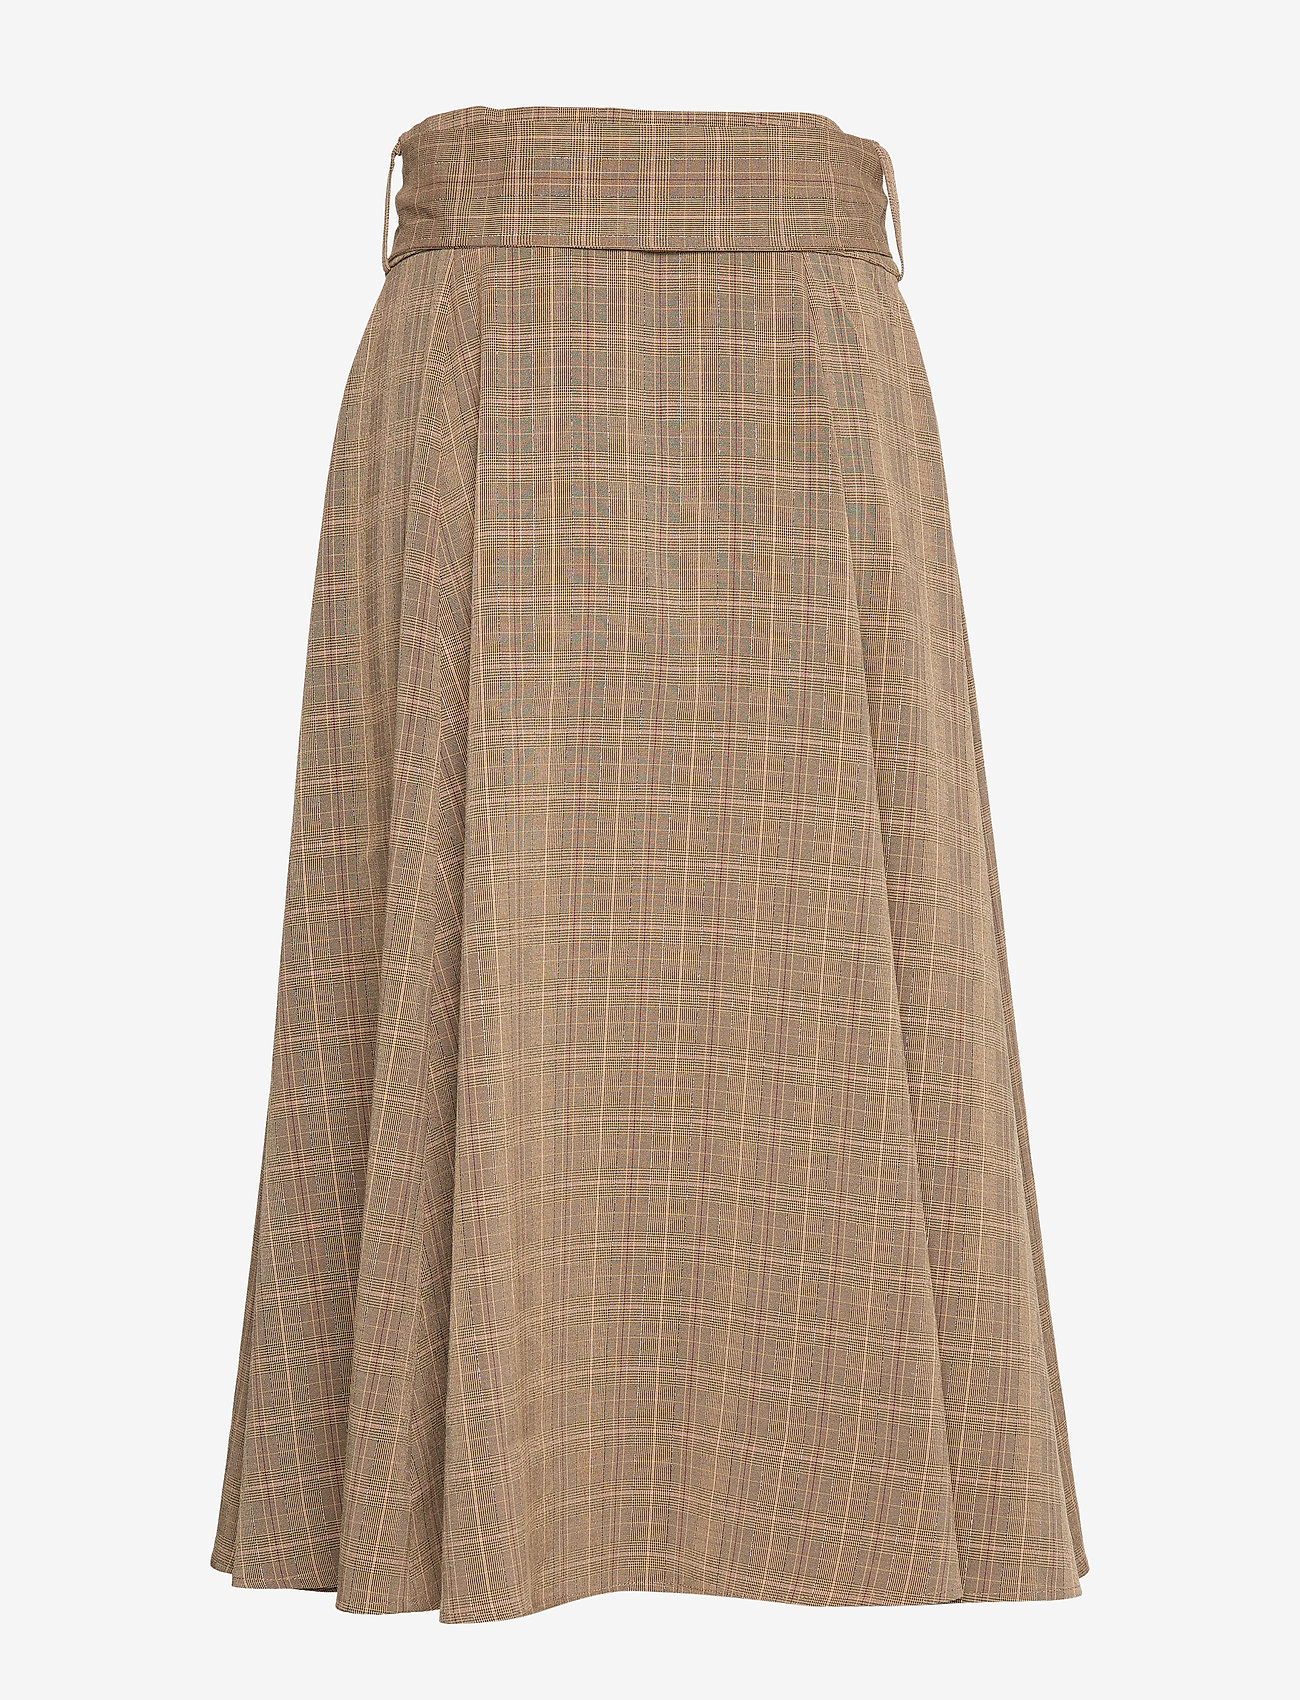 Sofie Schnoor - Skirt - midinederdele - brown check - 1